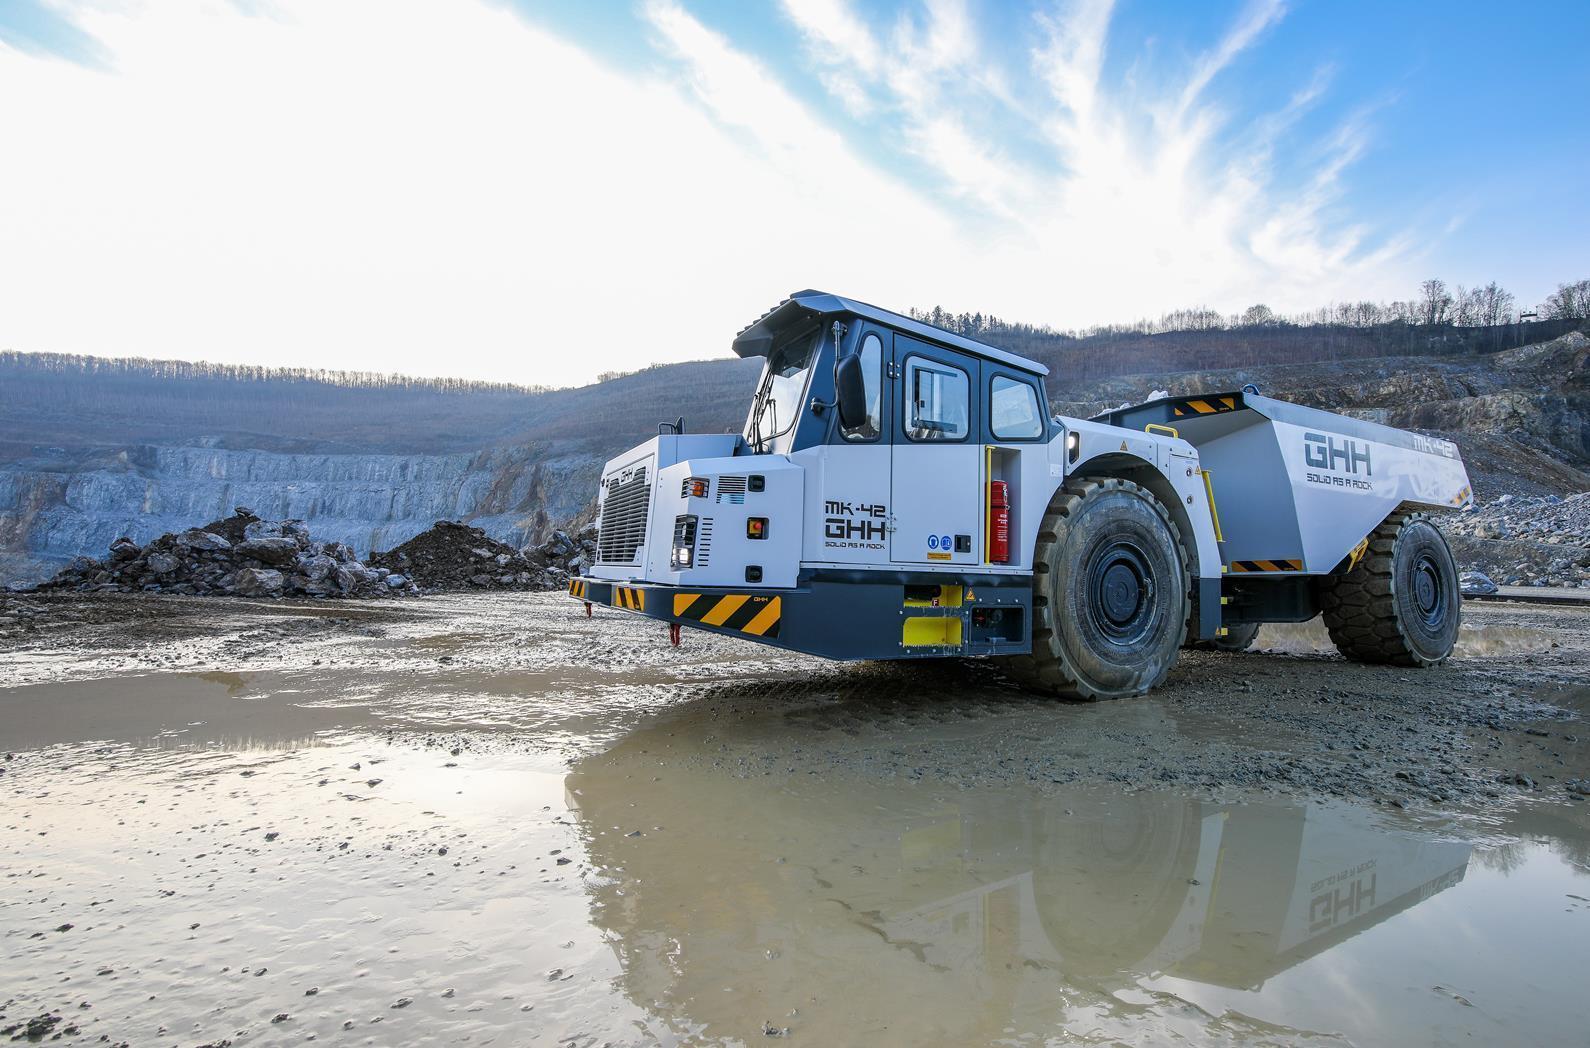 Новий шахтний самоскид MK-42 від GHH проходить випробування у жорстких умовах